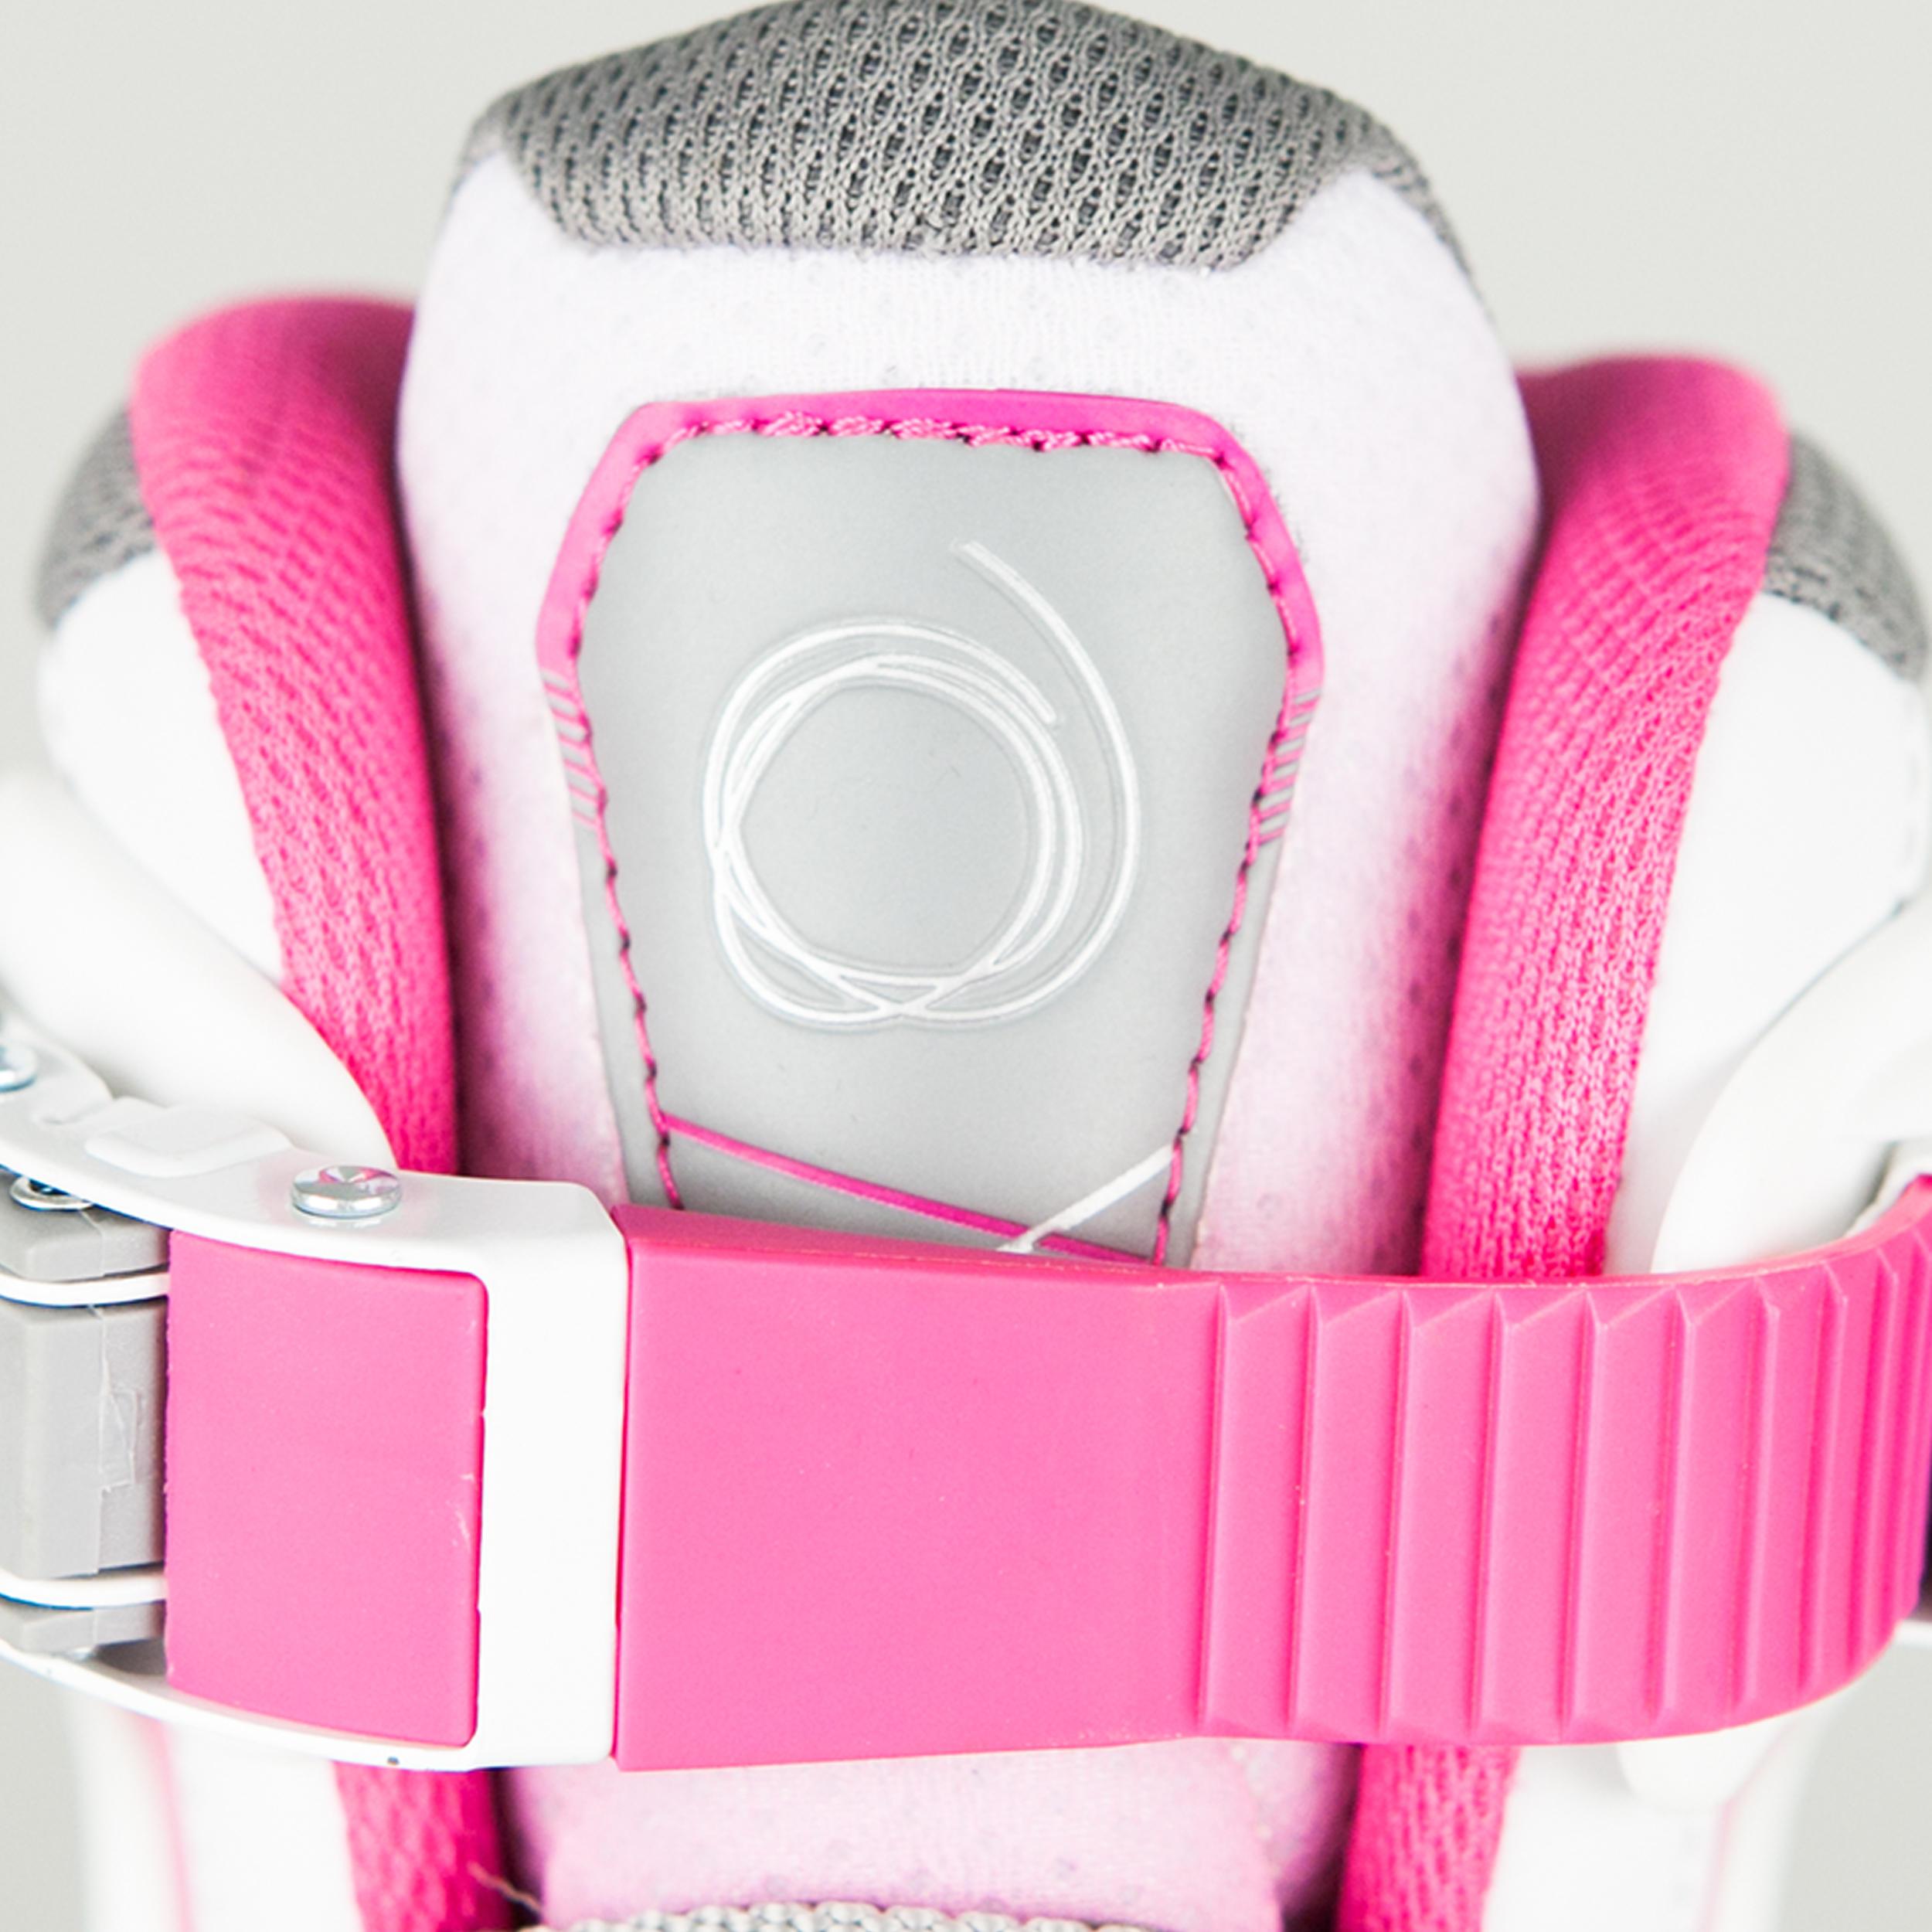 Patins à roues alignées pour enfant FIT 5 Jr rose/blanc